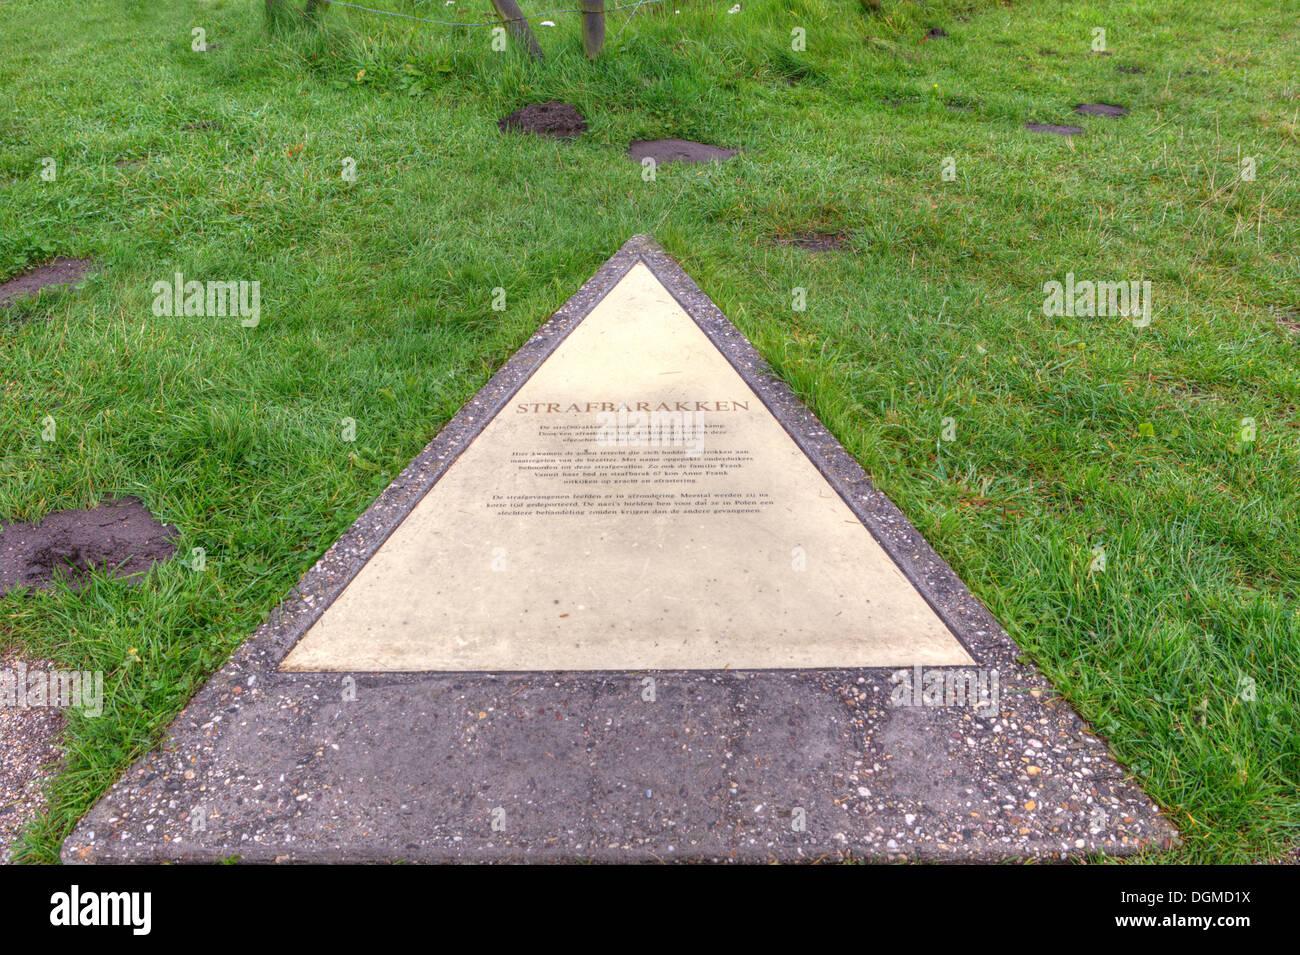 Referencia al cuartel penal en el campo de Westerbork, Países Bajos Imagen De Stock